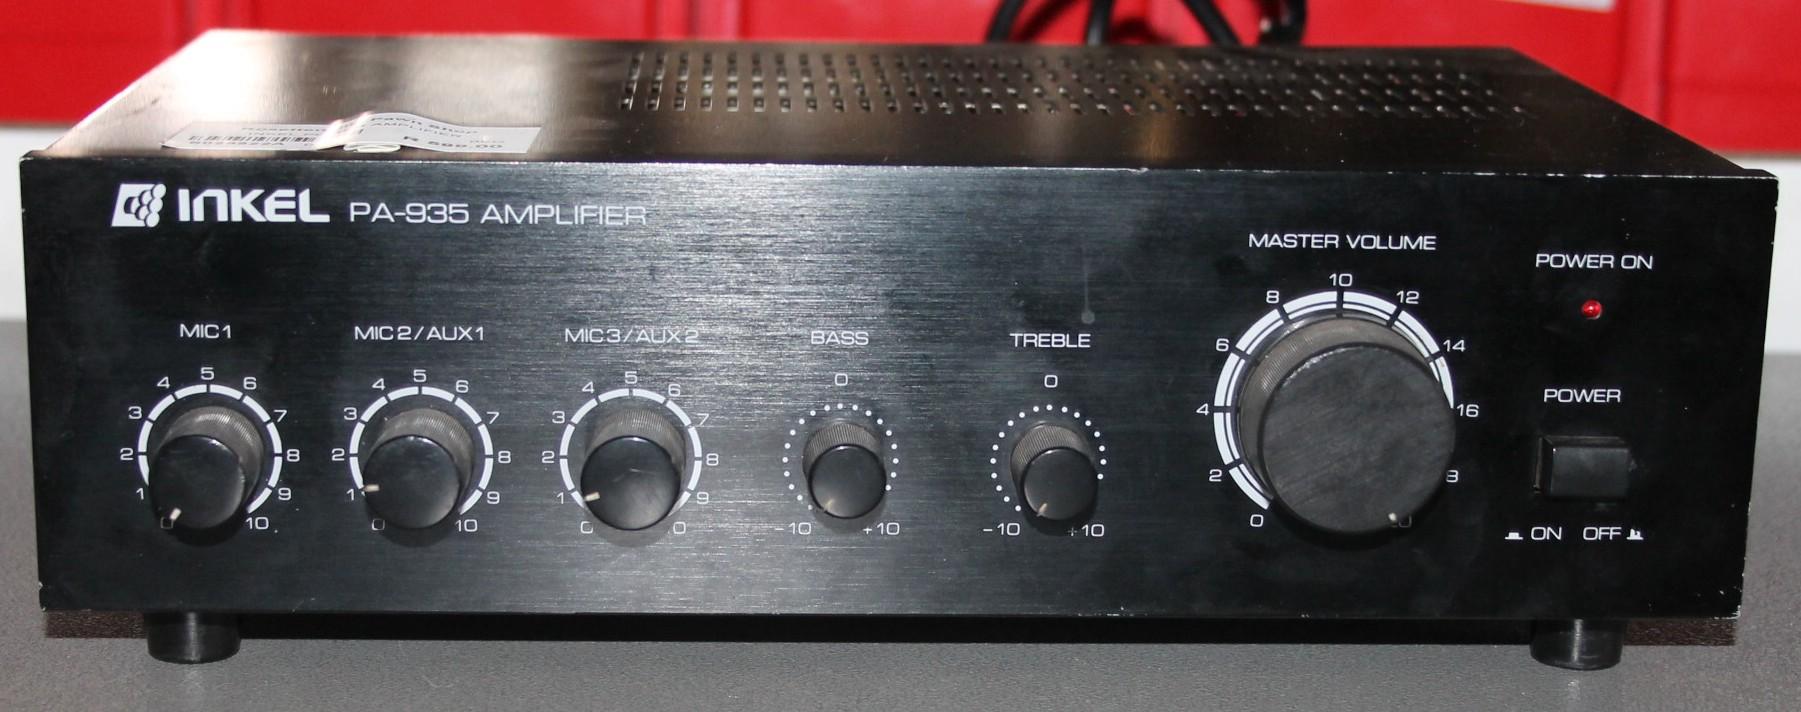 Inkel power amp S028822a #Rosettenvillepawnshop